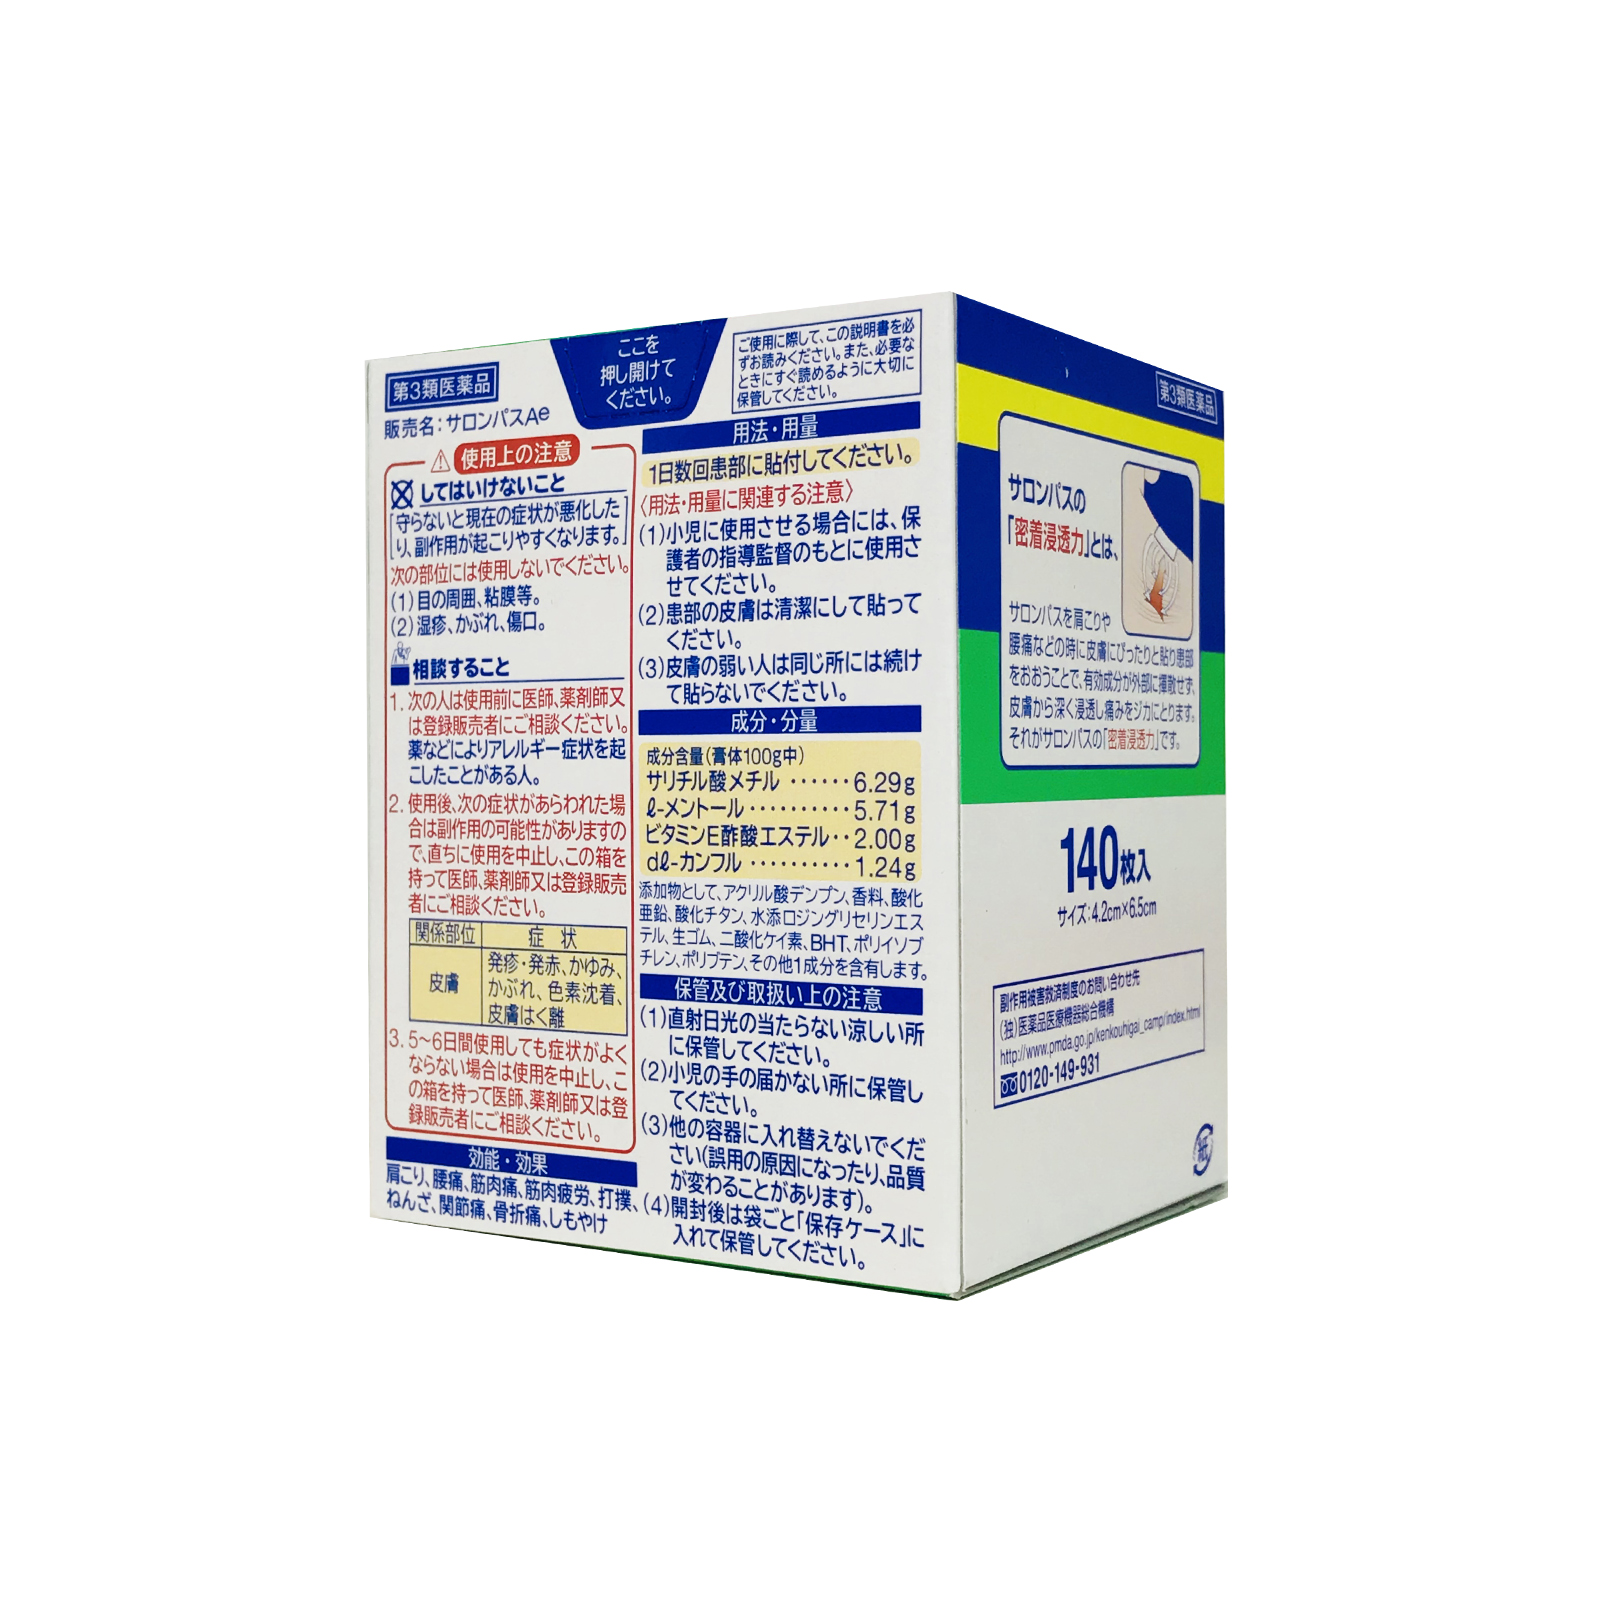 日本原产撒隆巴斯 撒隆适 膏贴 140片